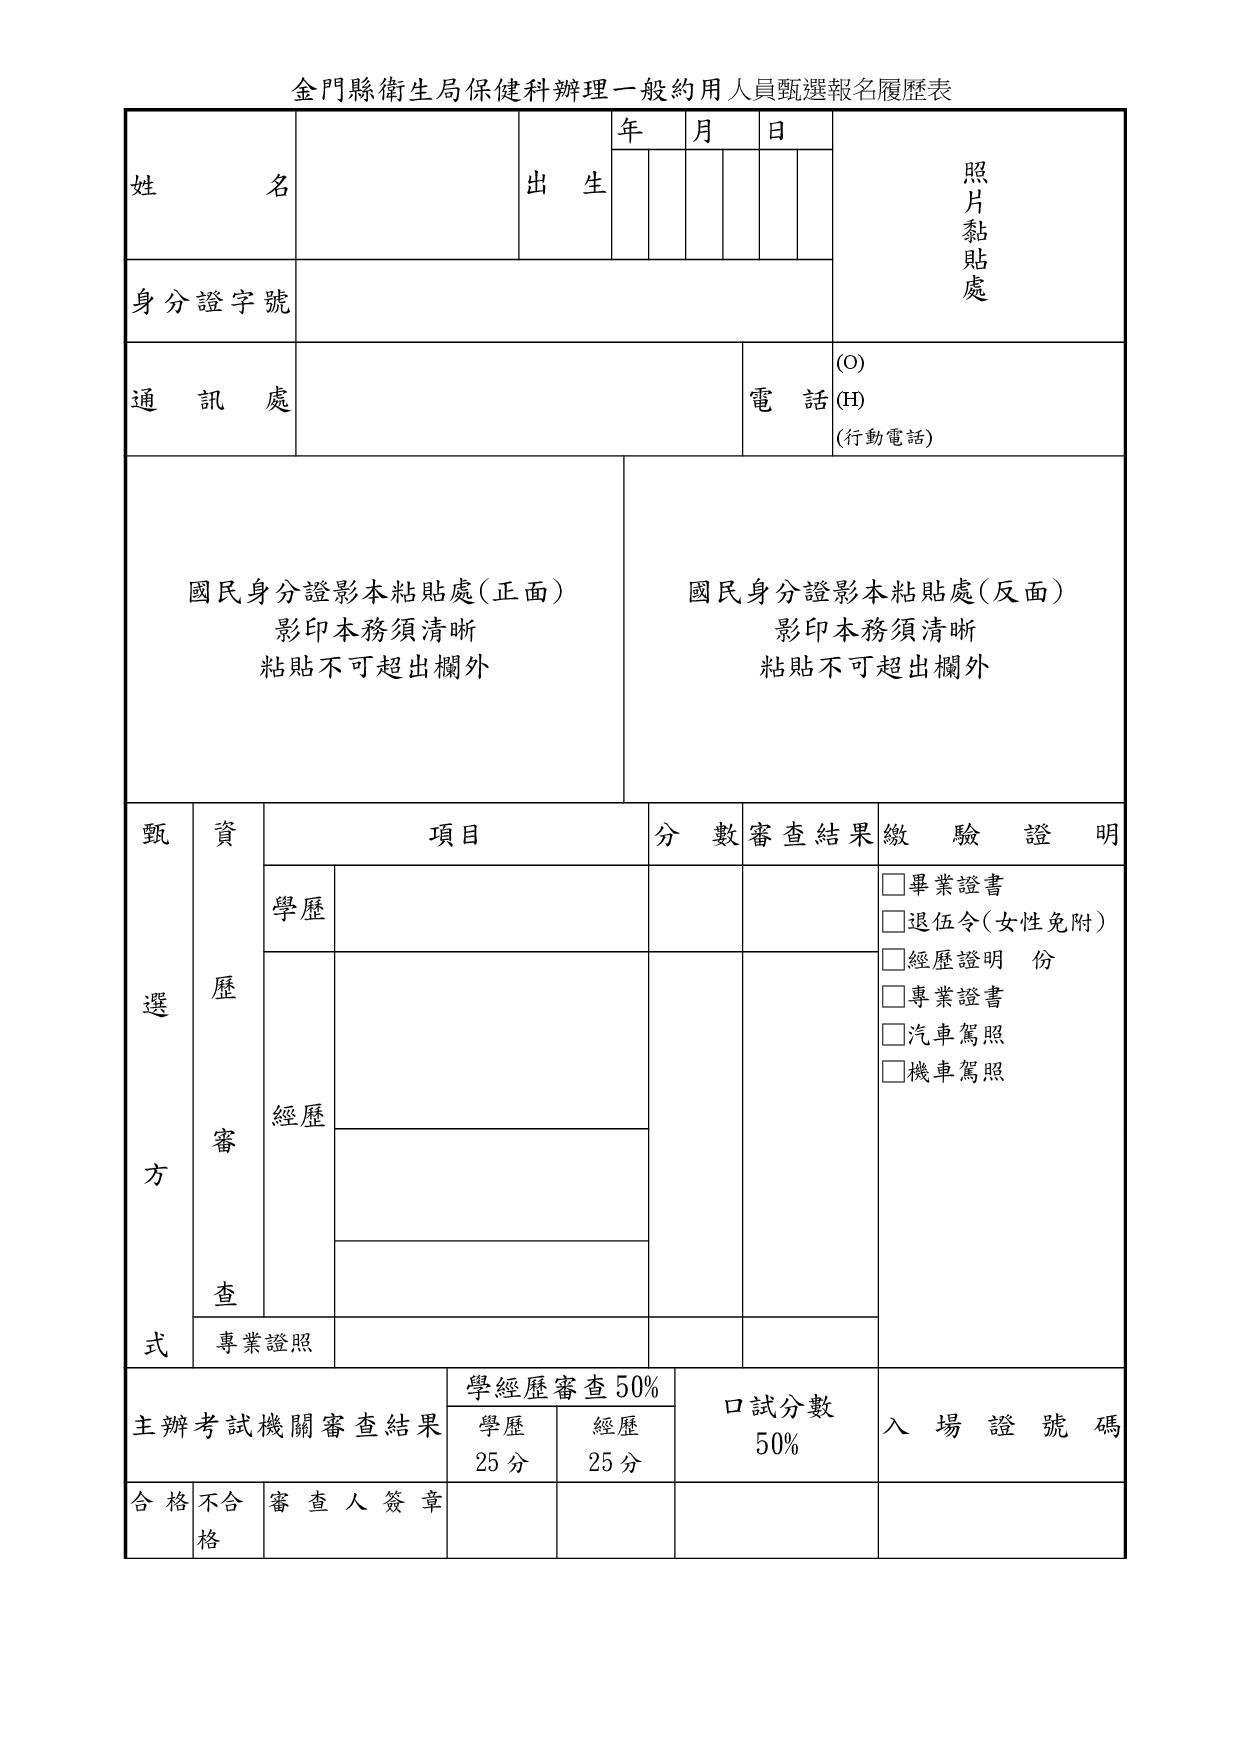 保健科一般約用人員報名履歷表